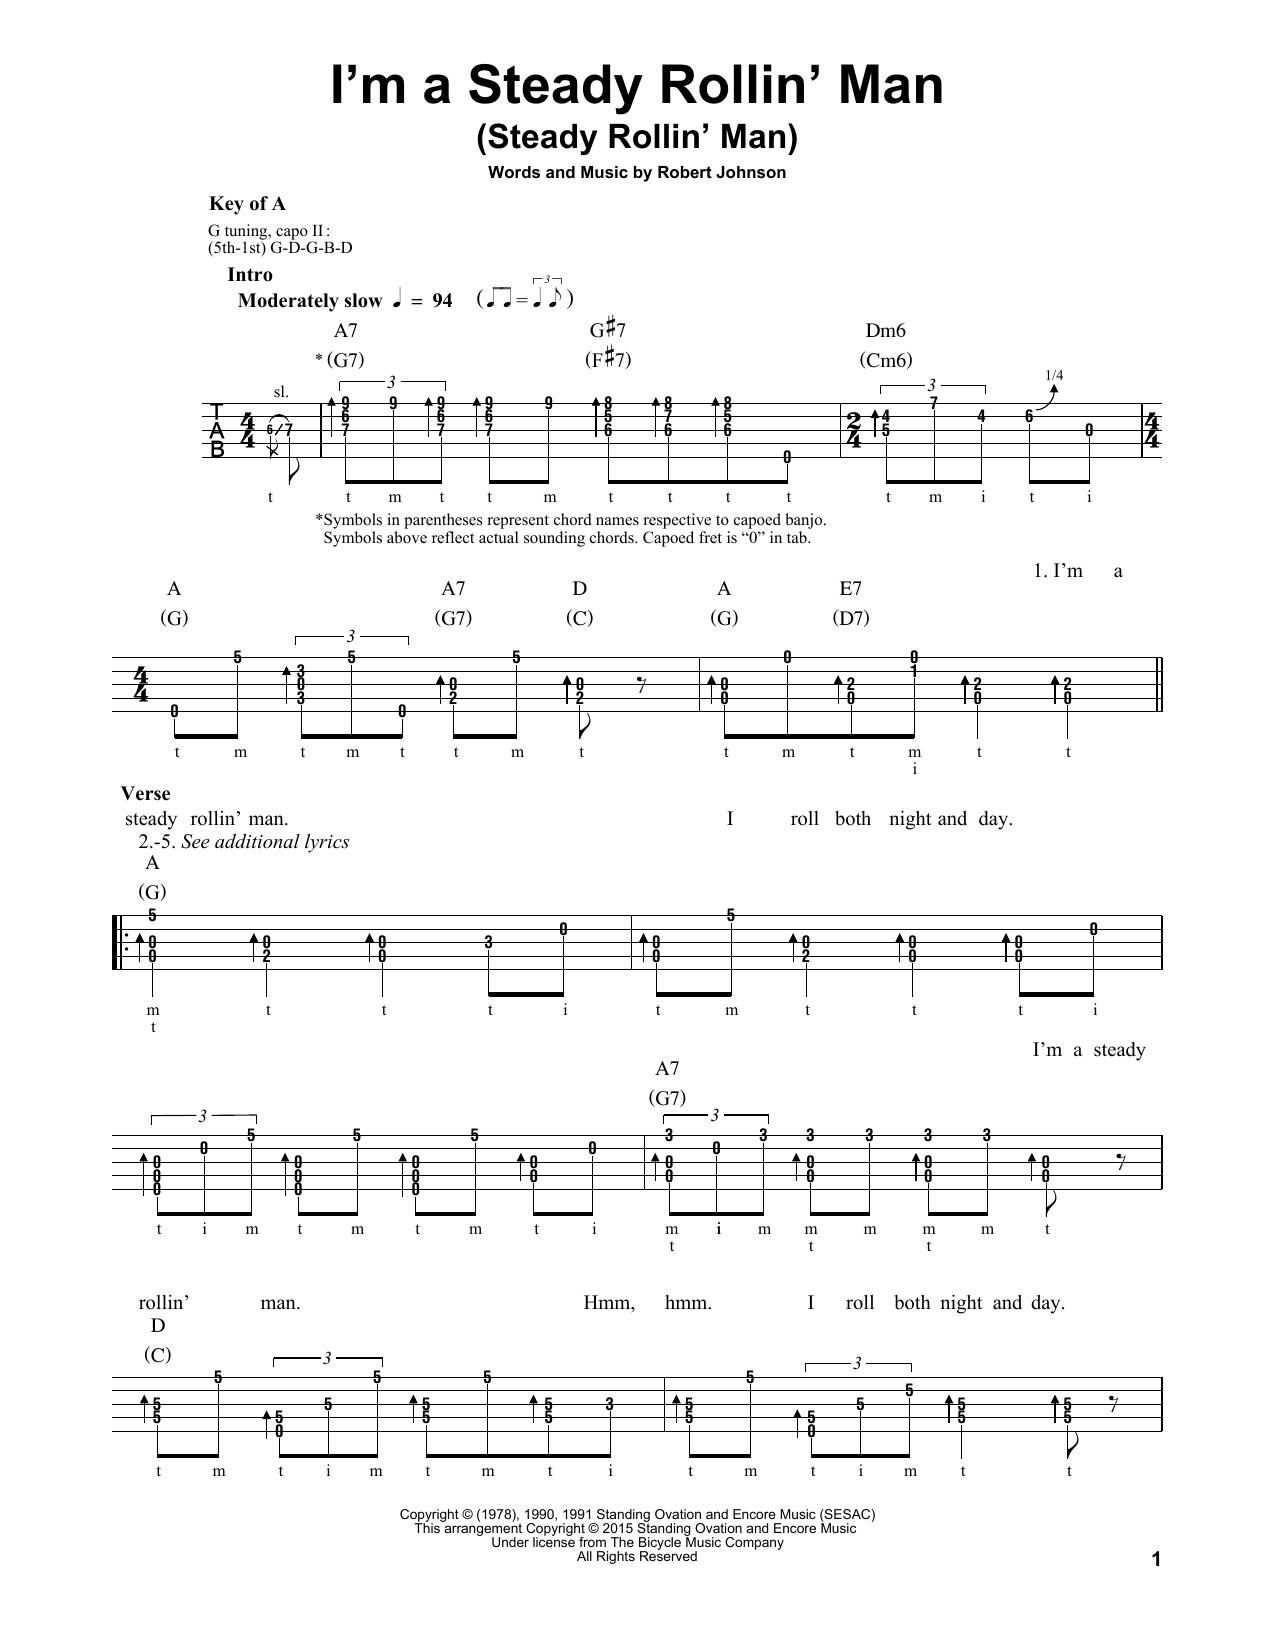 I'm A Steady Rollin' Man (Steady Rollin' Man) (Banjo Tab)